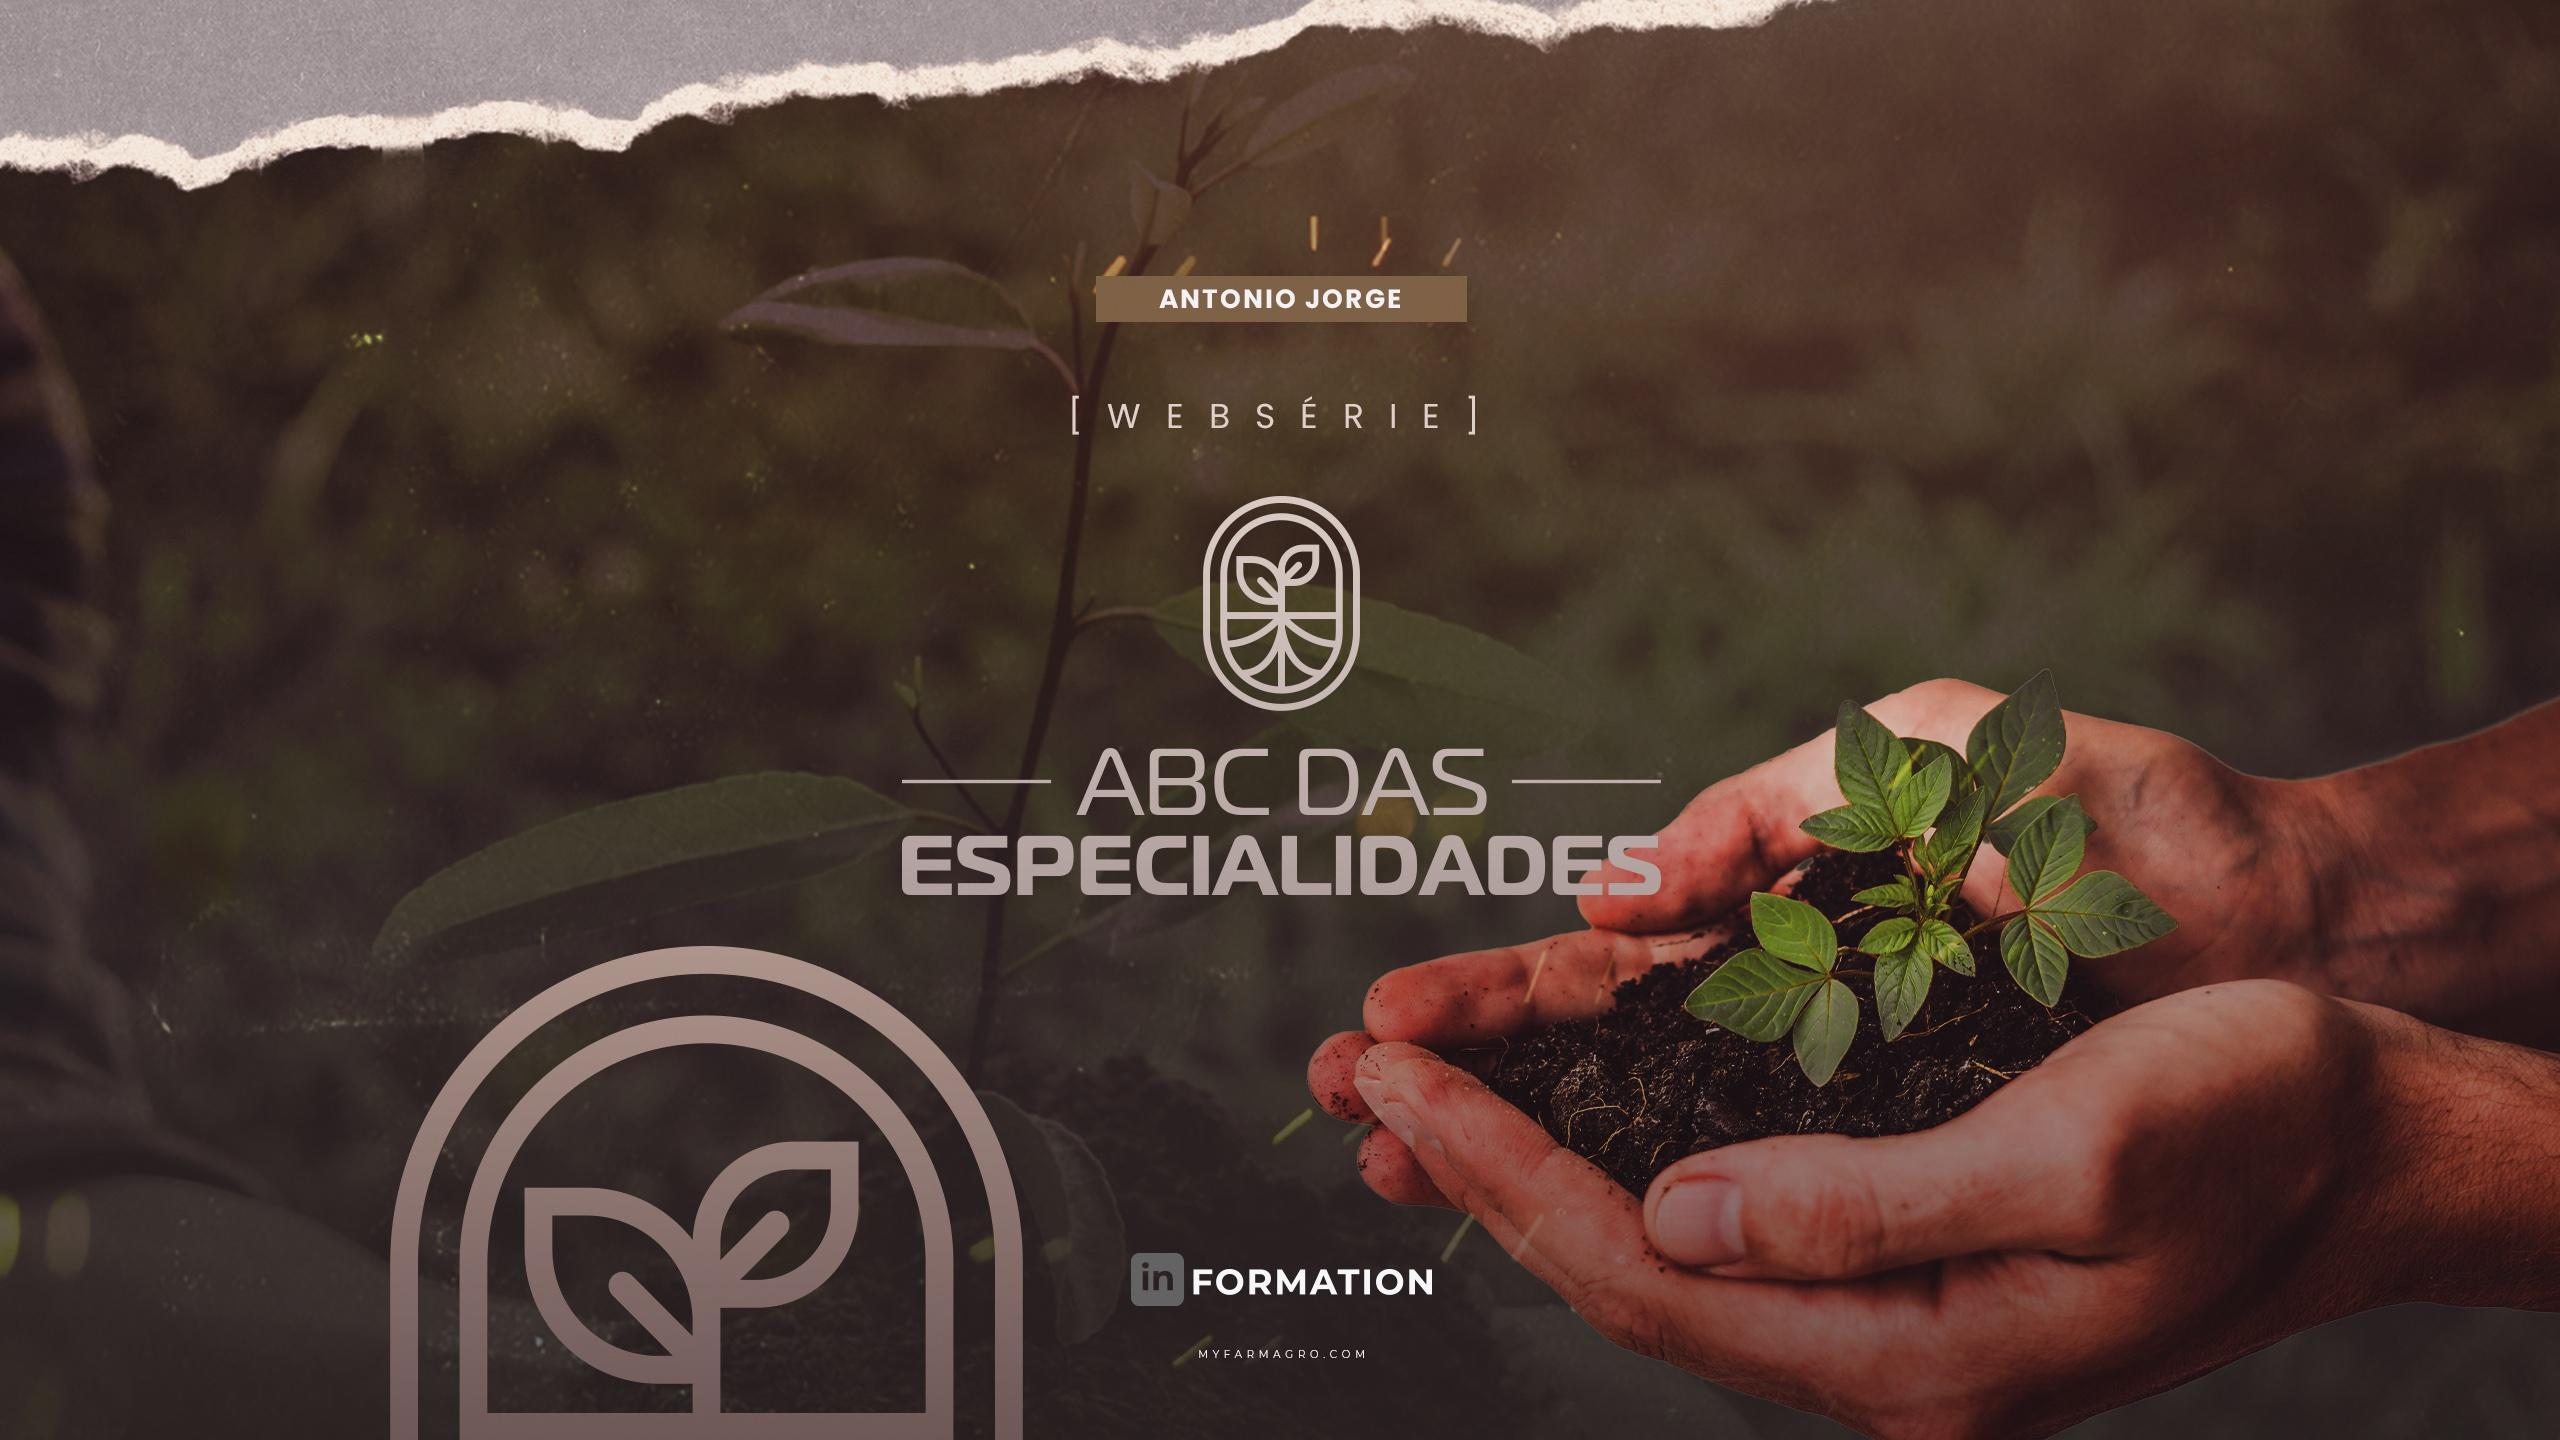 ABC DAS ESPECIALIDADES